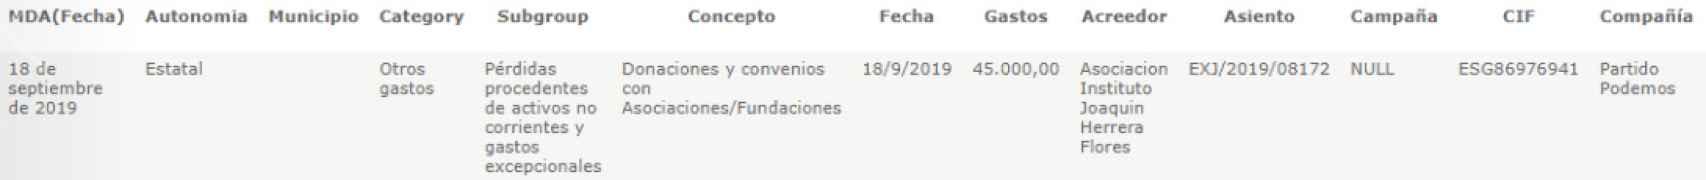 El pago de 45.000 euros al Instituto Joaquín Herrera Flores (IJHF), en la web de transparencia de Podemos.